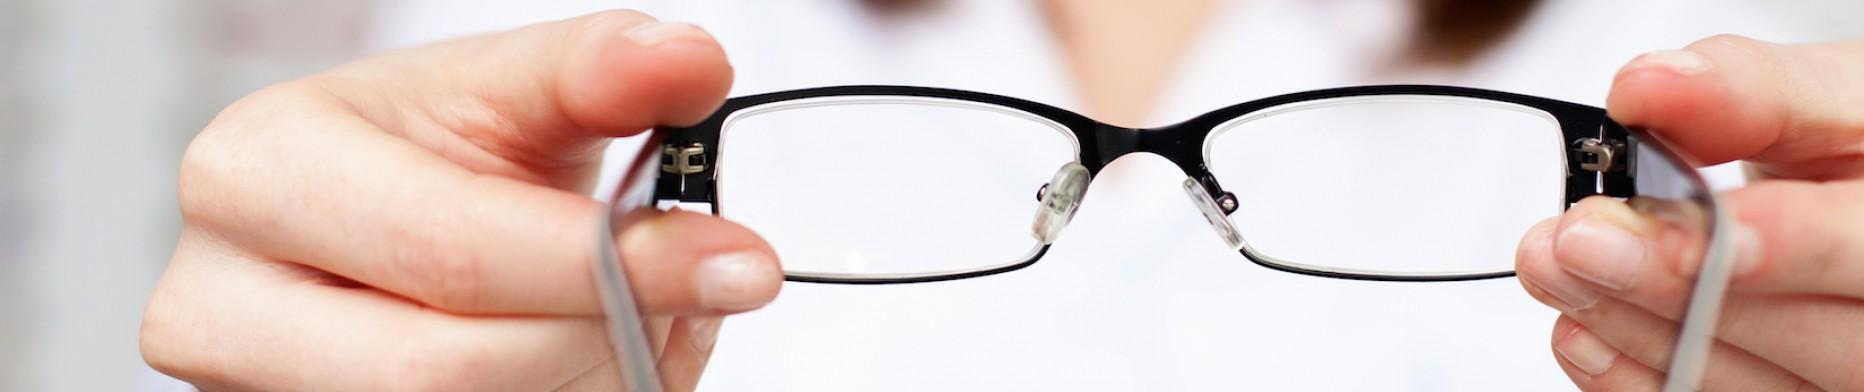 être Opticienne Au Québec Pvtistes Net